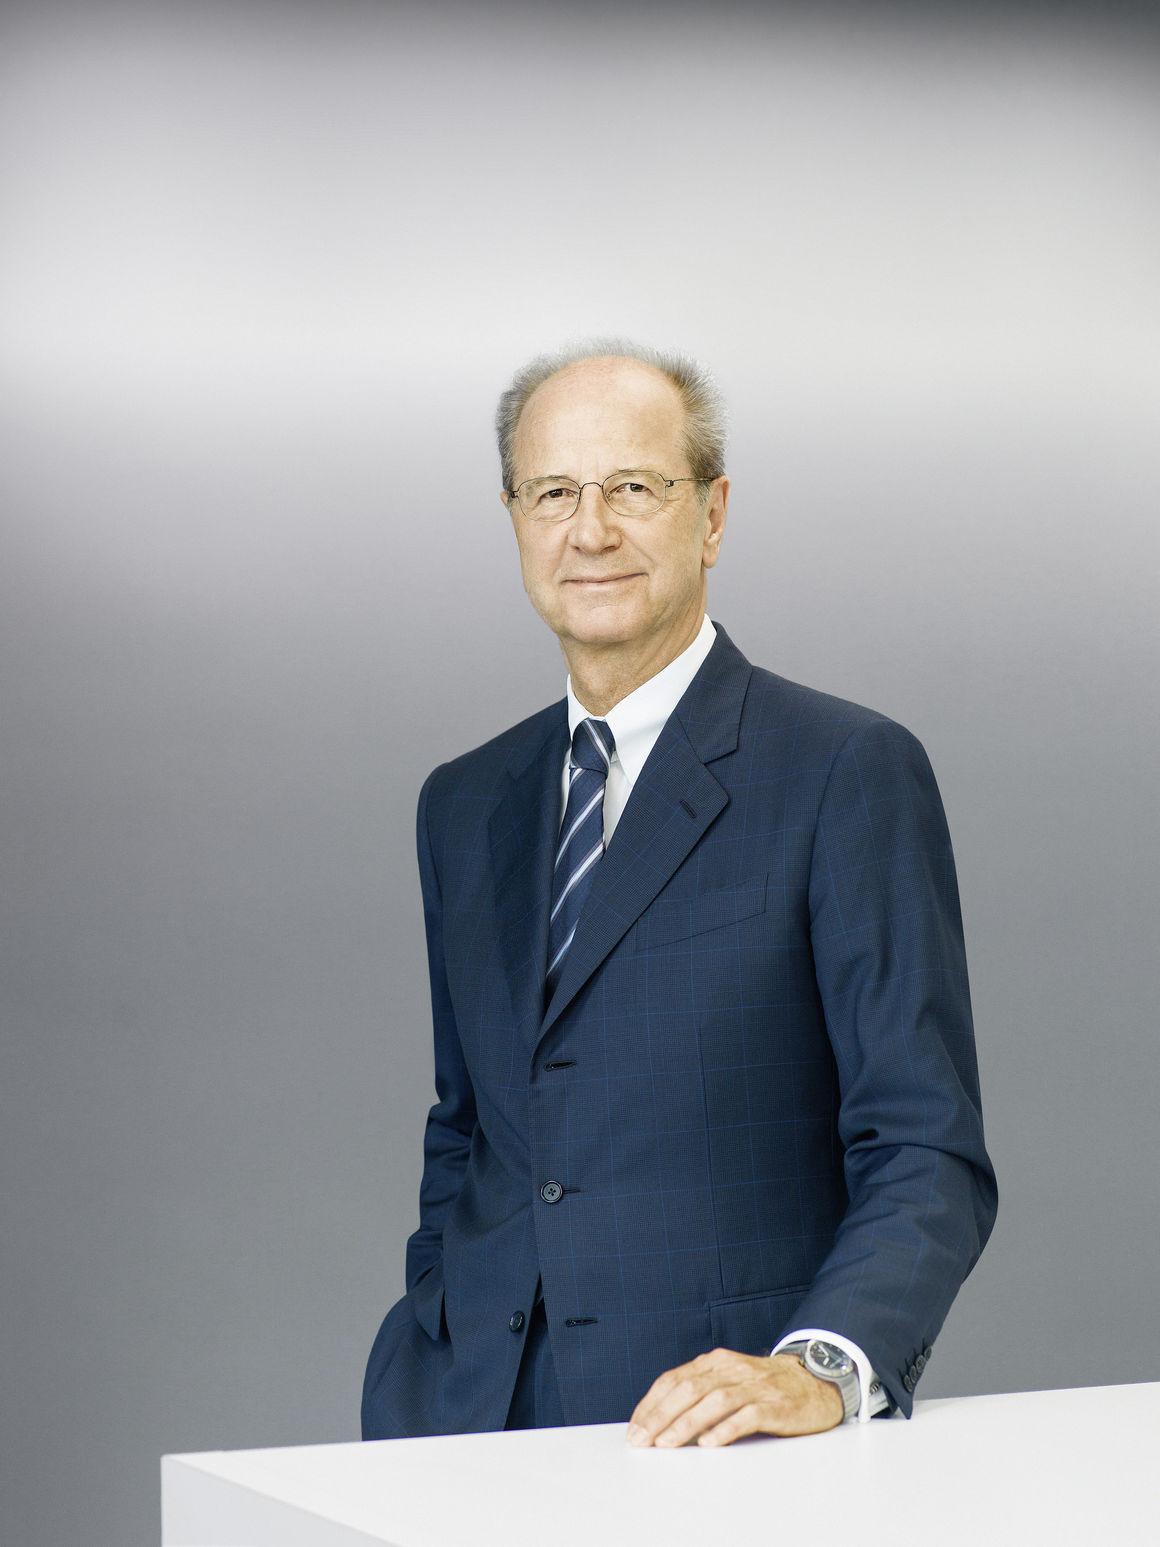 Spotted - Hans Dieter Pötsch, Chairman of Porsche SE, With IWC Porsche Design Ocean 2000